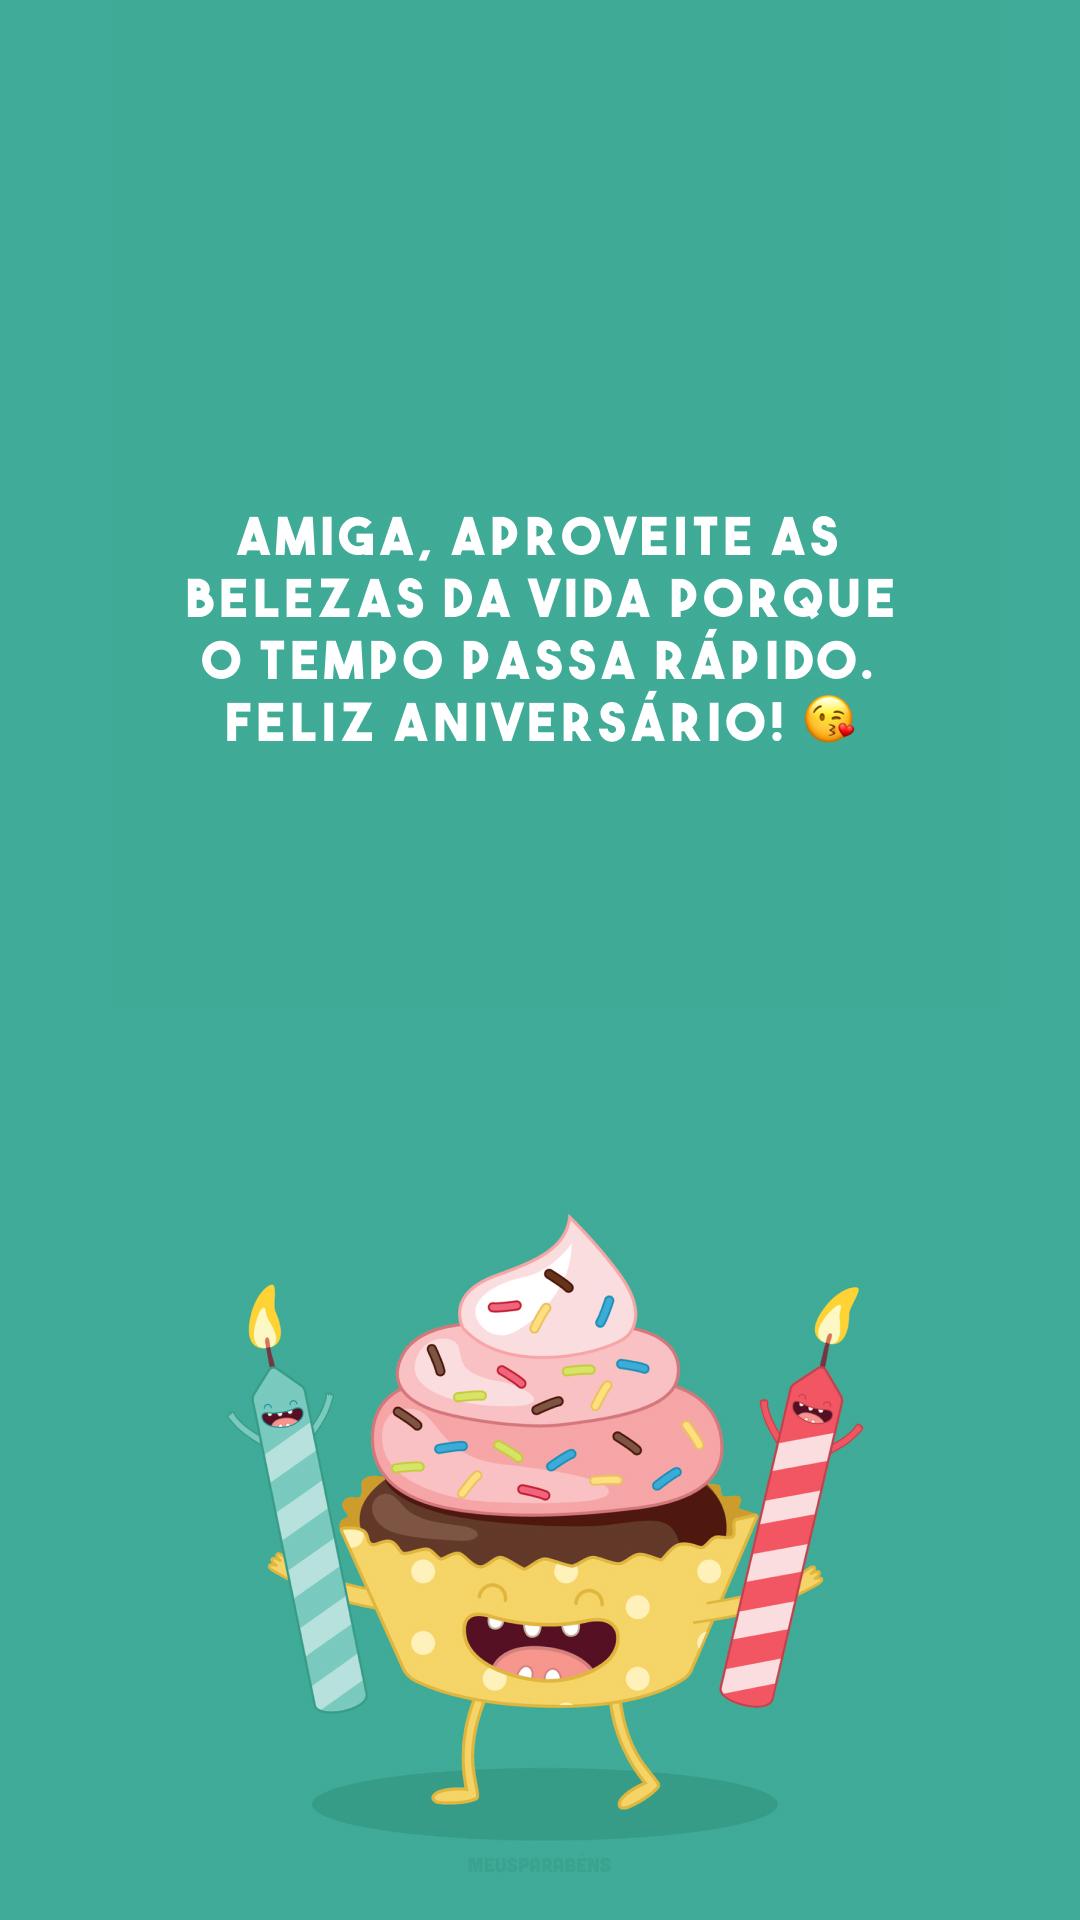 Amiga, aproveite as belezas da vida porque o tempo passa rápido. Feliz aniversário! 😘